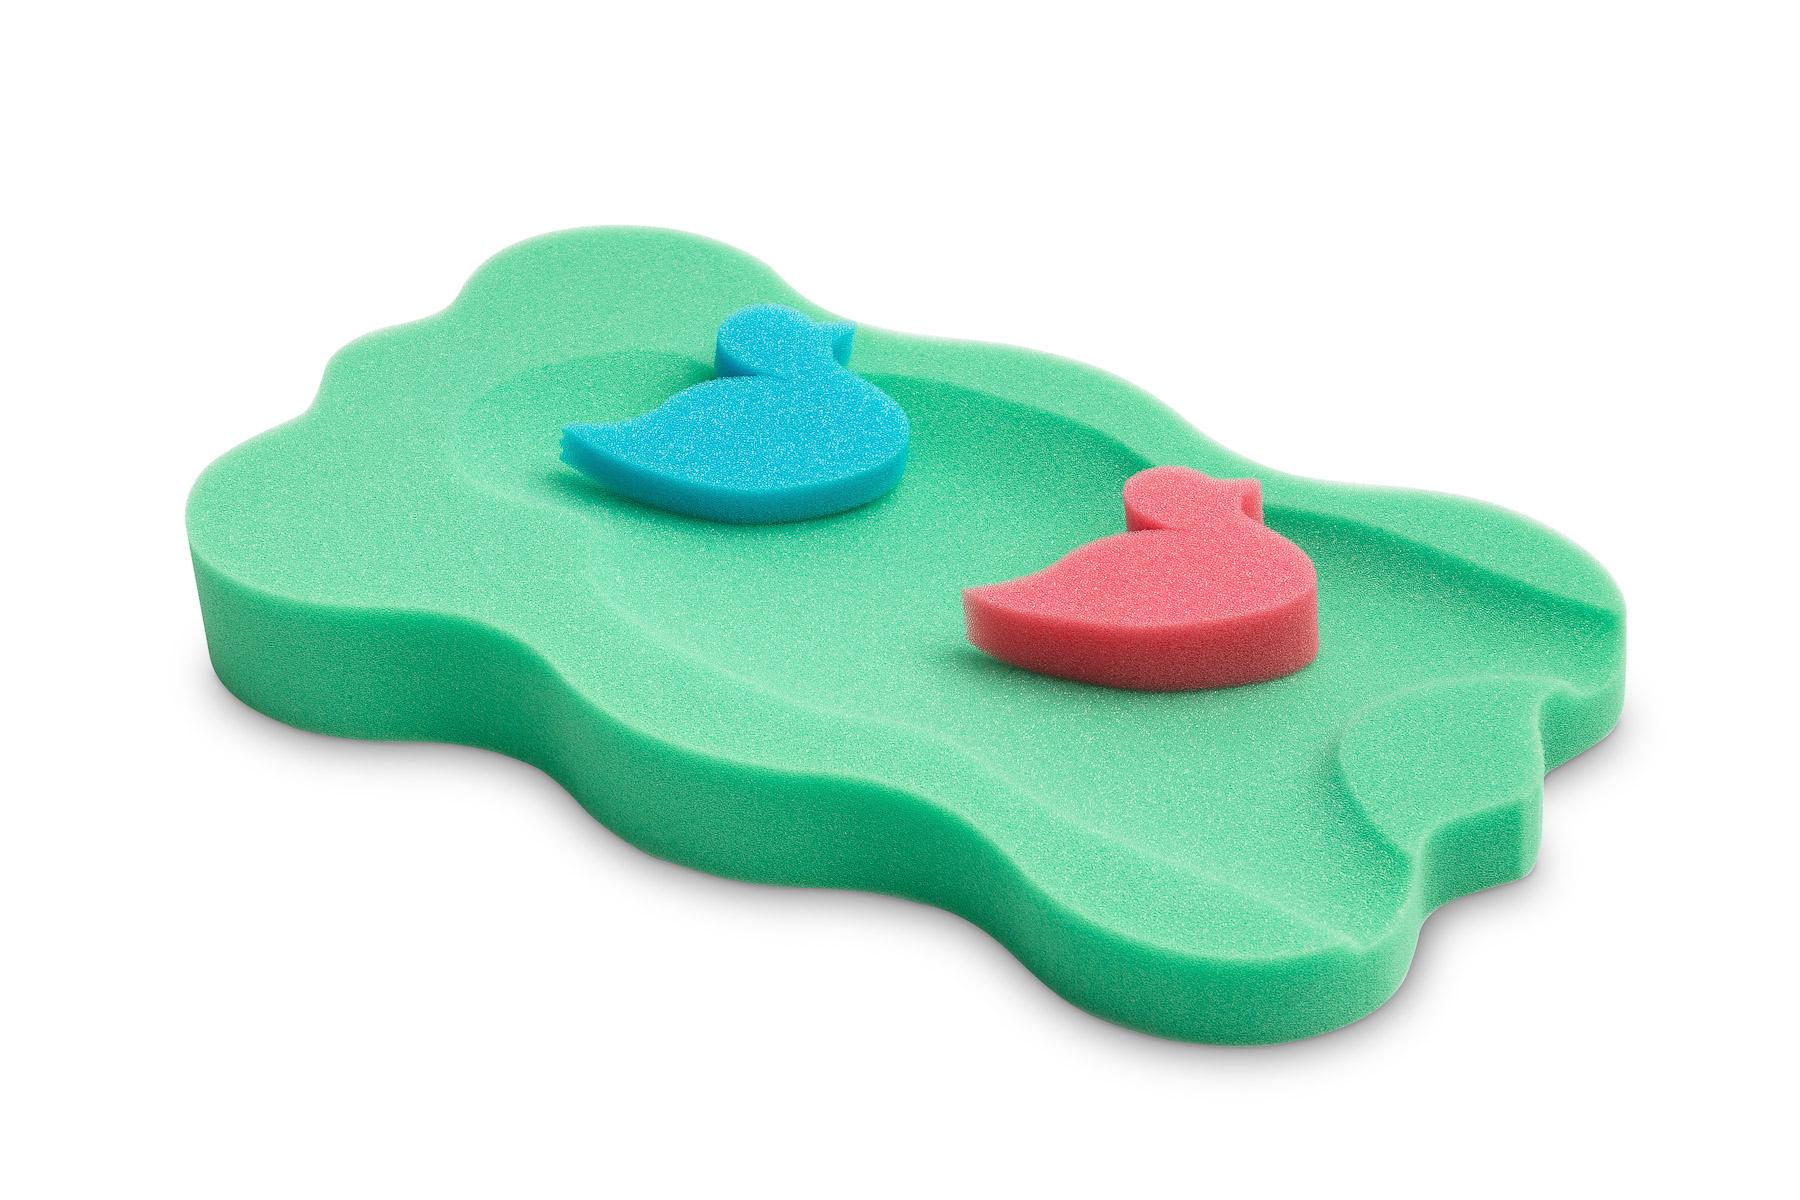 Wkładka do kąpieli maxi – zielony